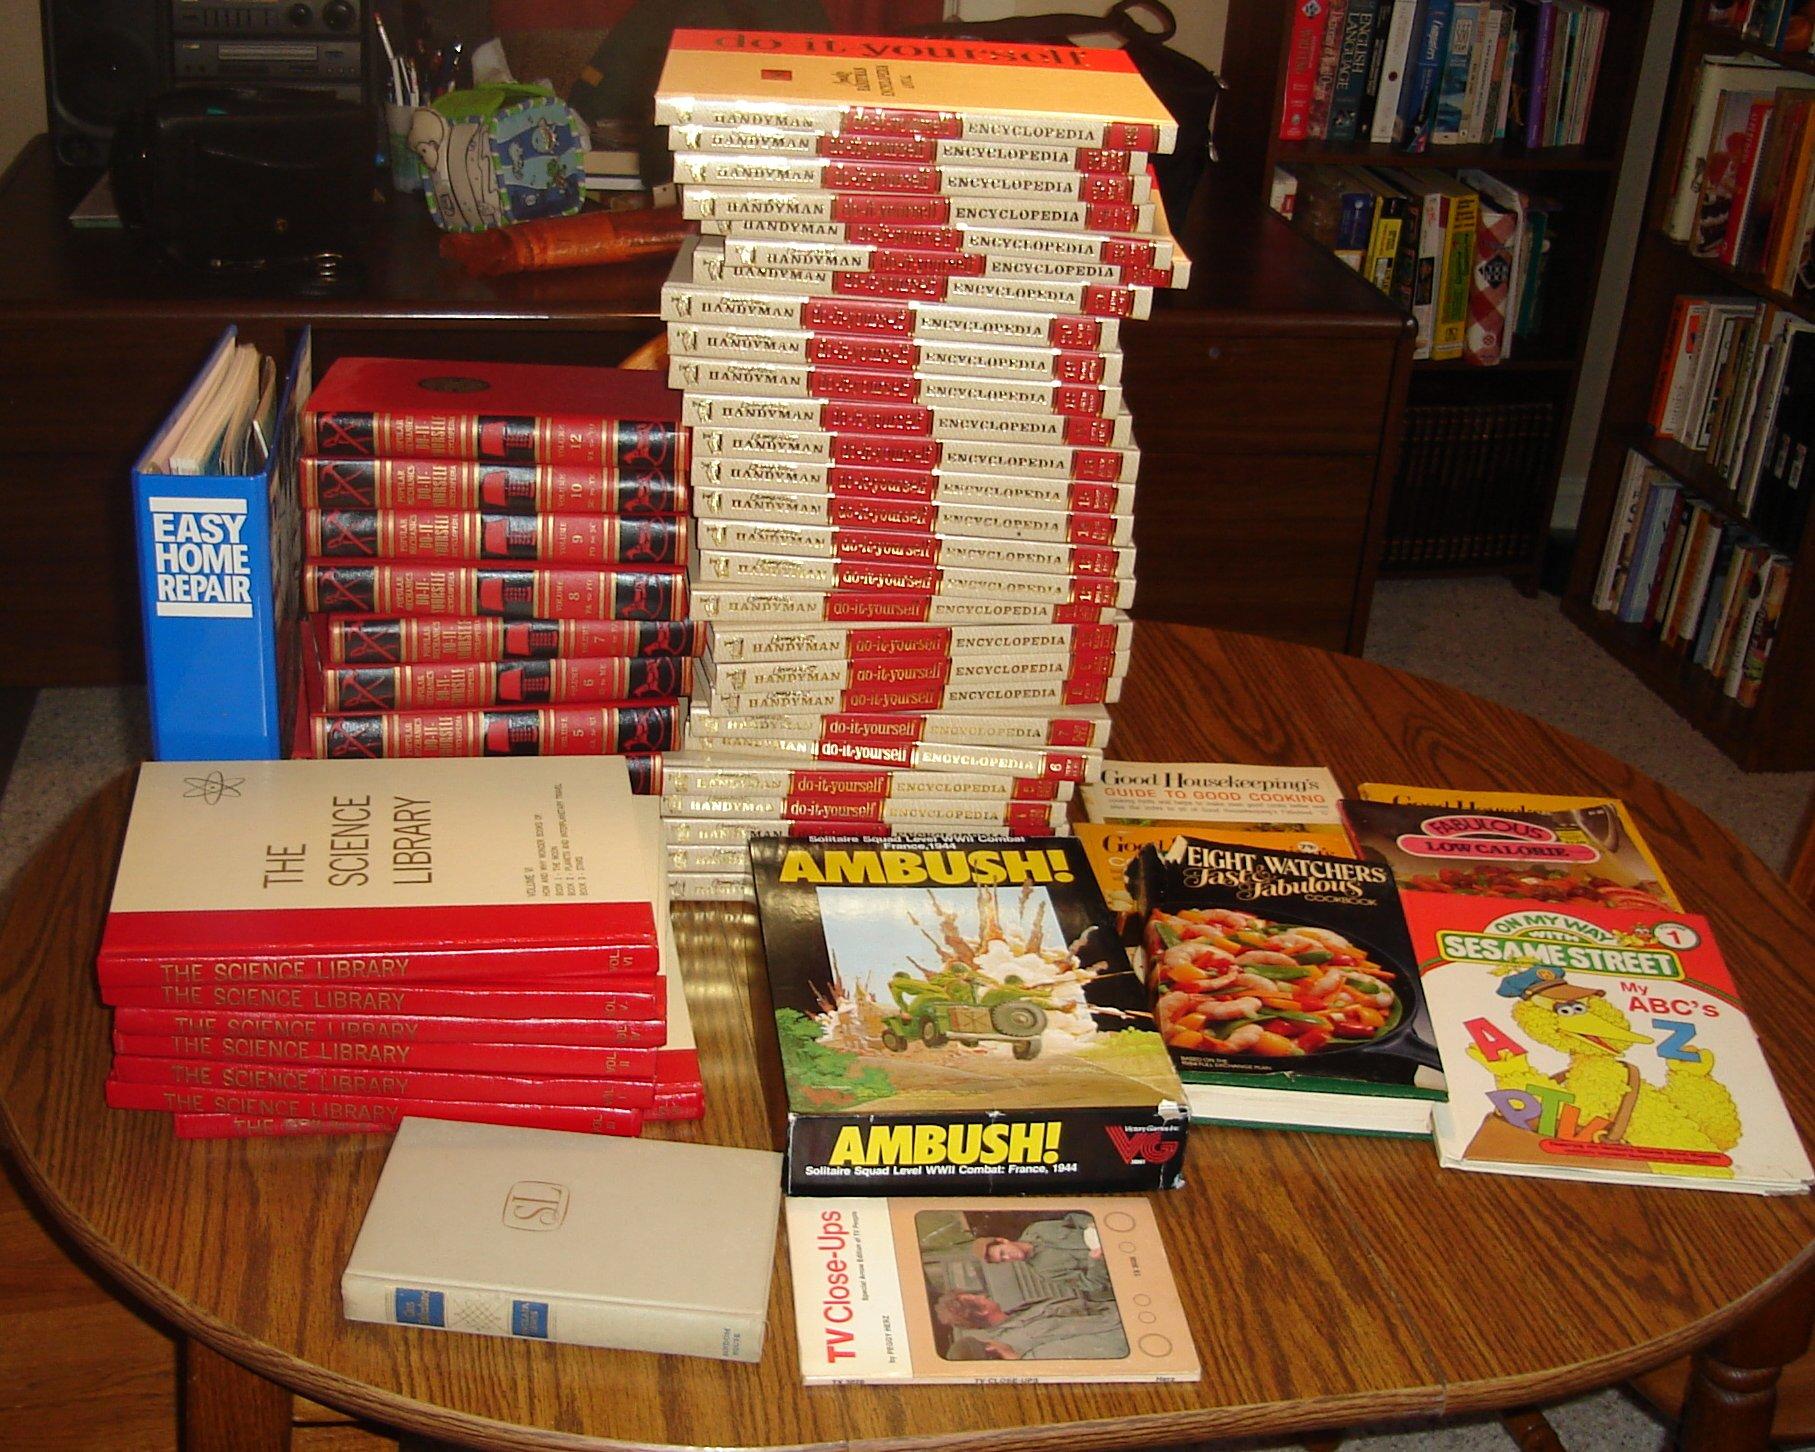 November garage sale book finds